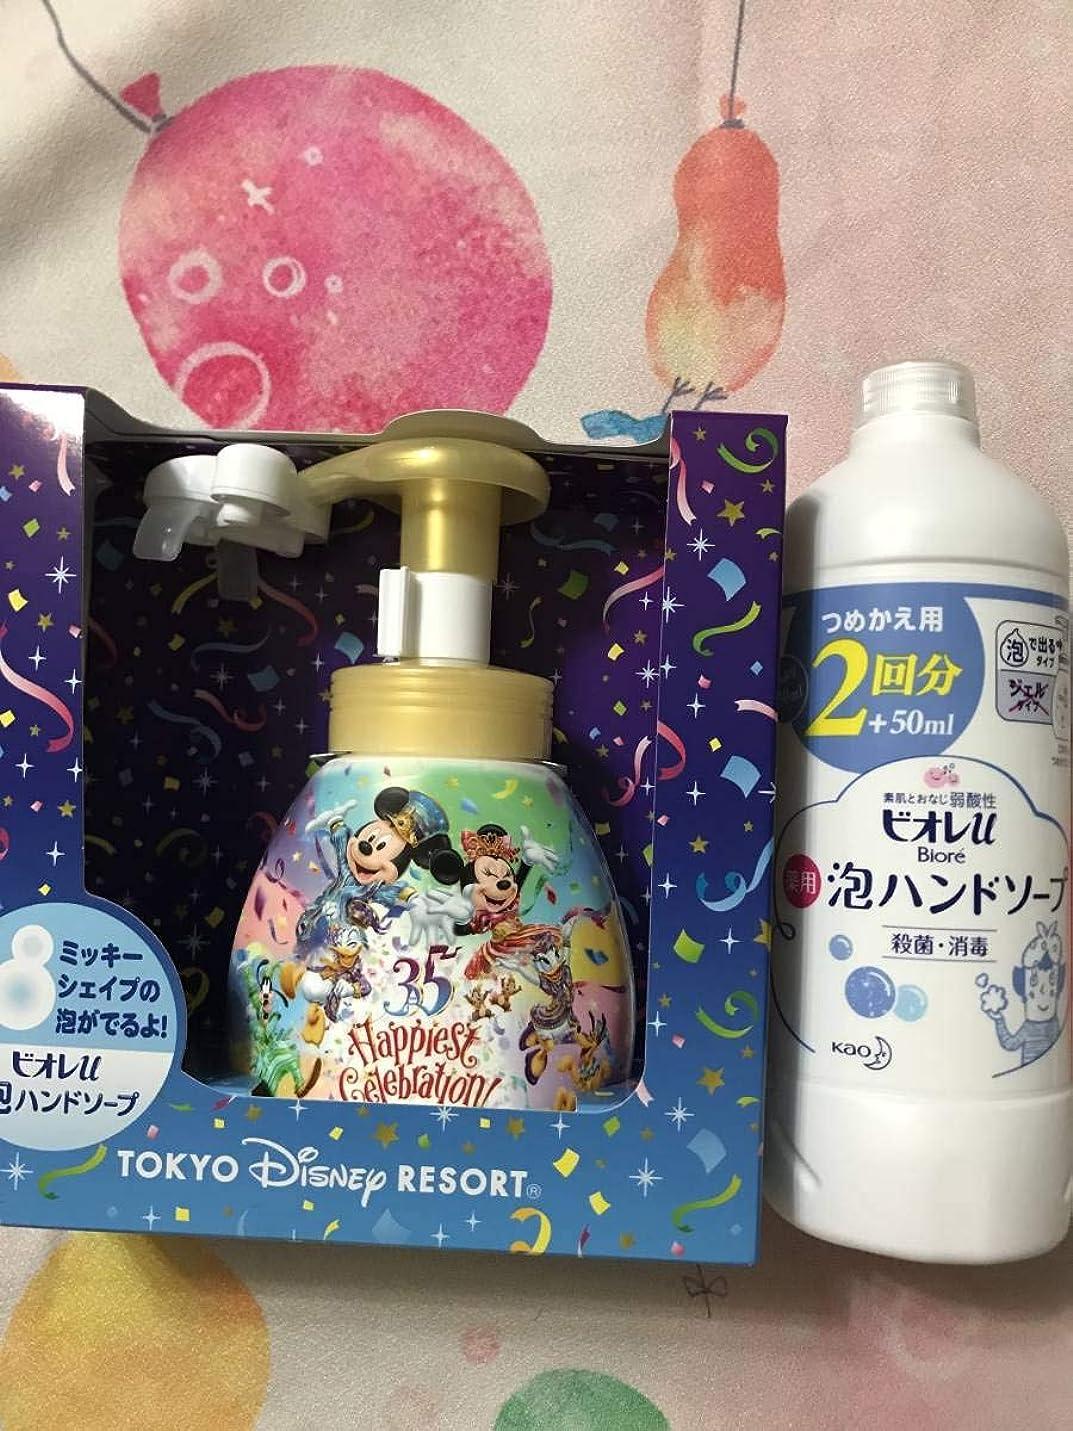 効果尋ねるクライマックスミッキー シェイプ ハンドソープ 東京 ディズニー リゾート 35周年 記念 石鹸 ビオレU 詰め替え 付き